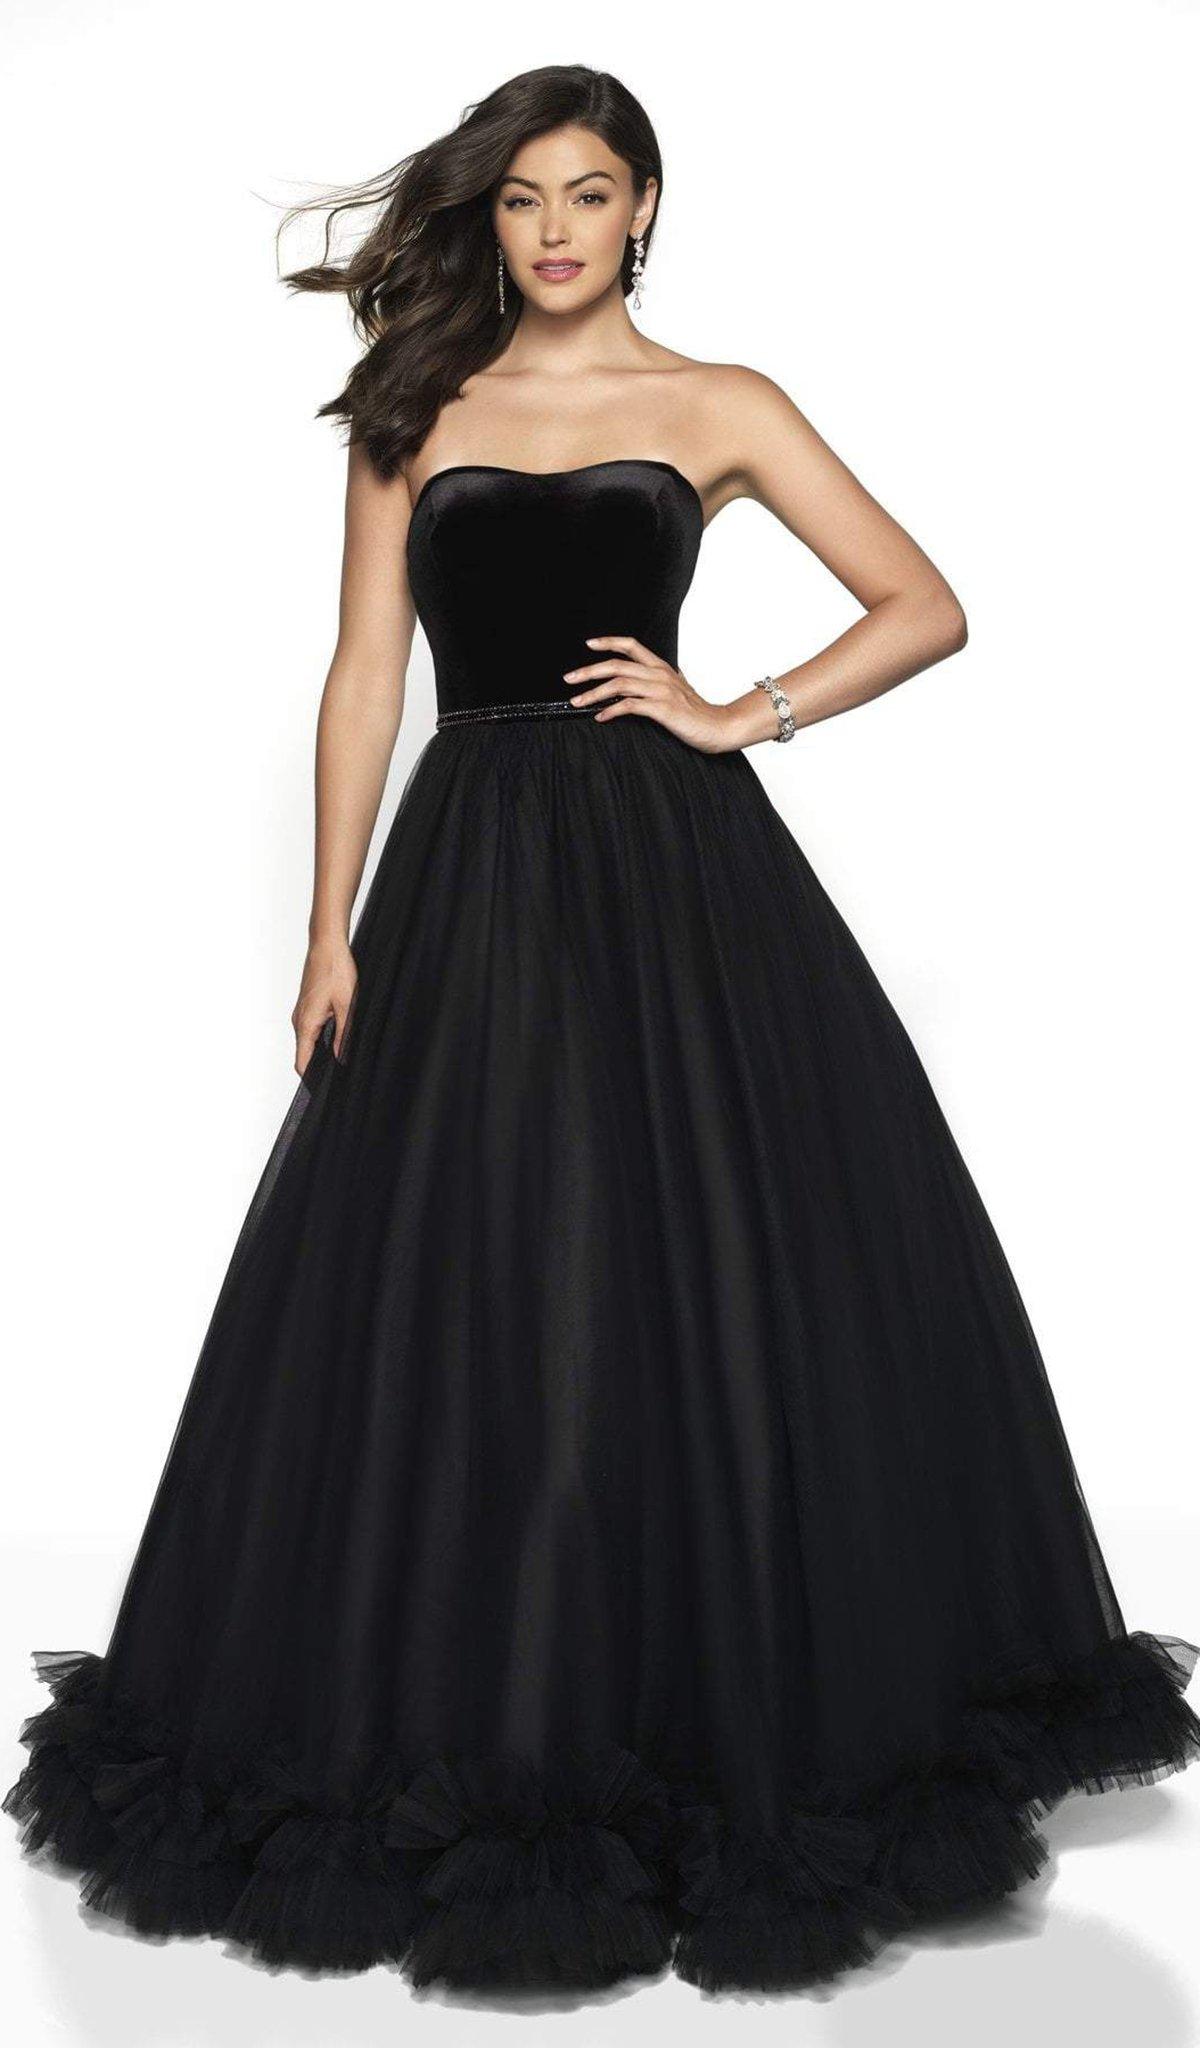 Blush by Alexia Designs - 5726 Sweetheart Ruffled Ballgown